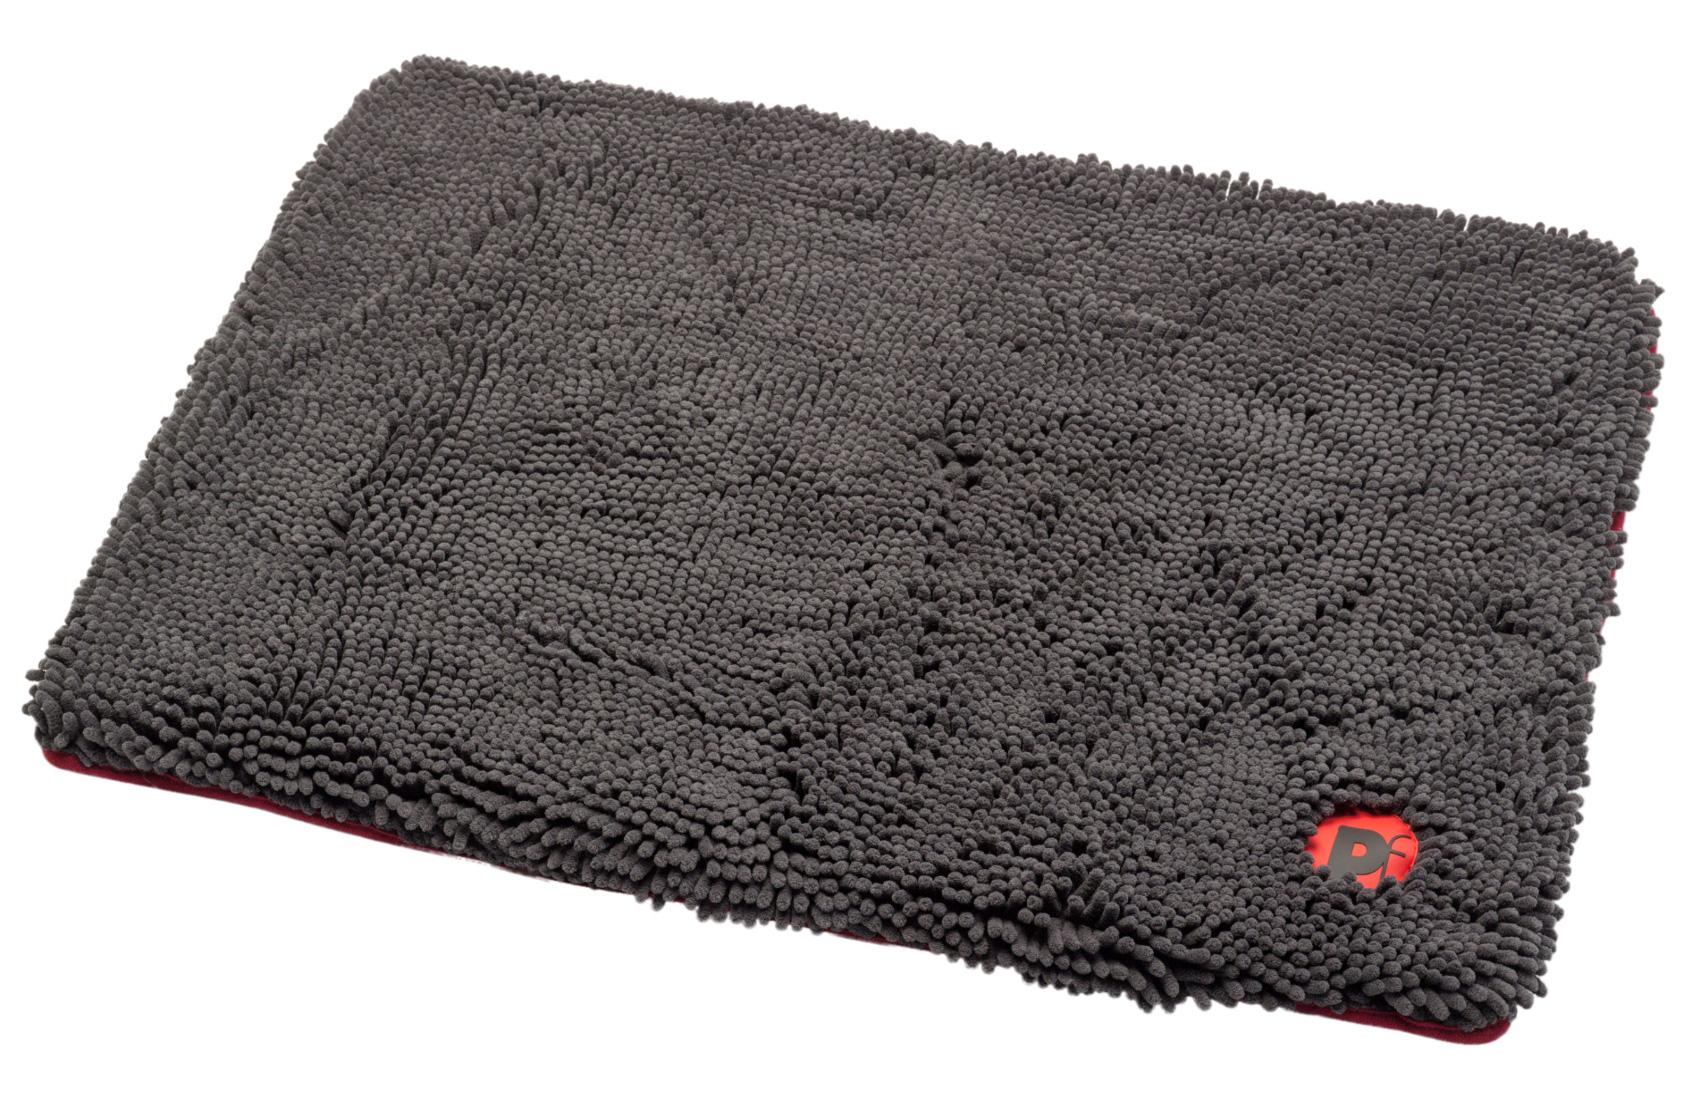 Absorbent Floor Mats For Dogs Floor Matttroy